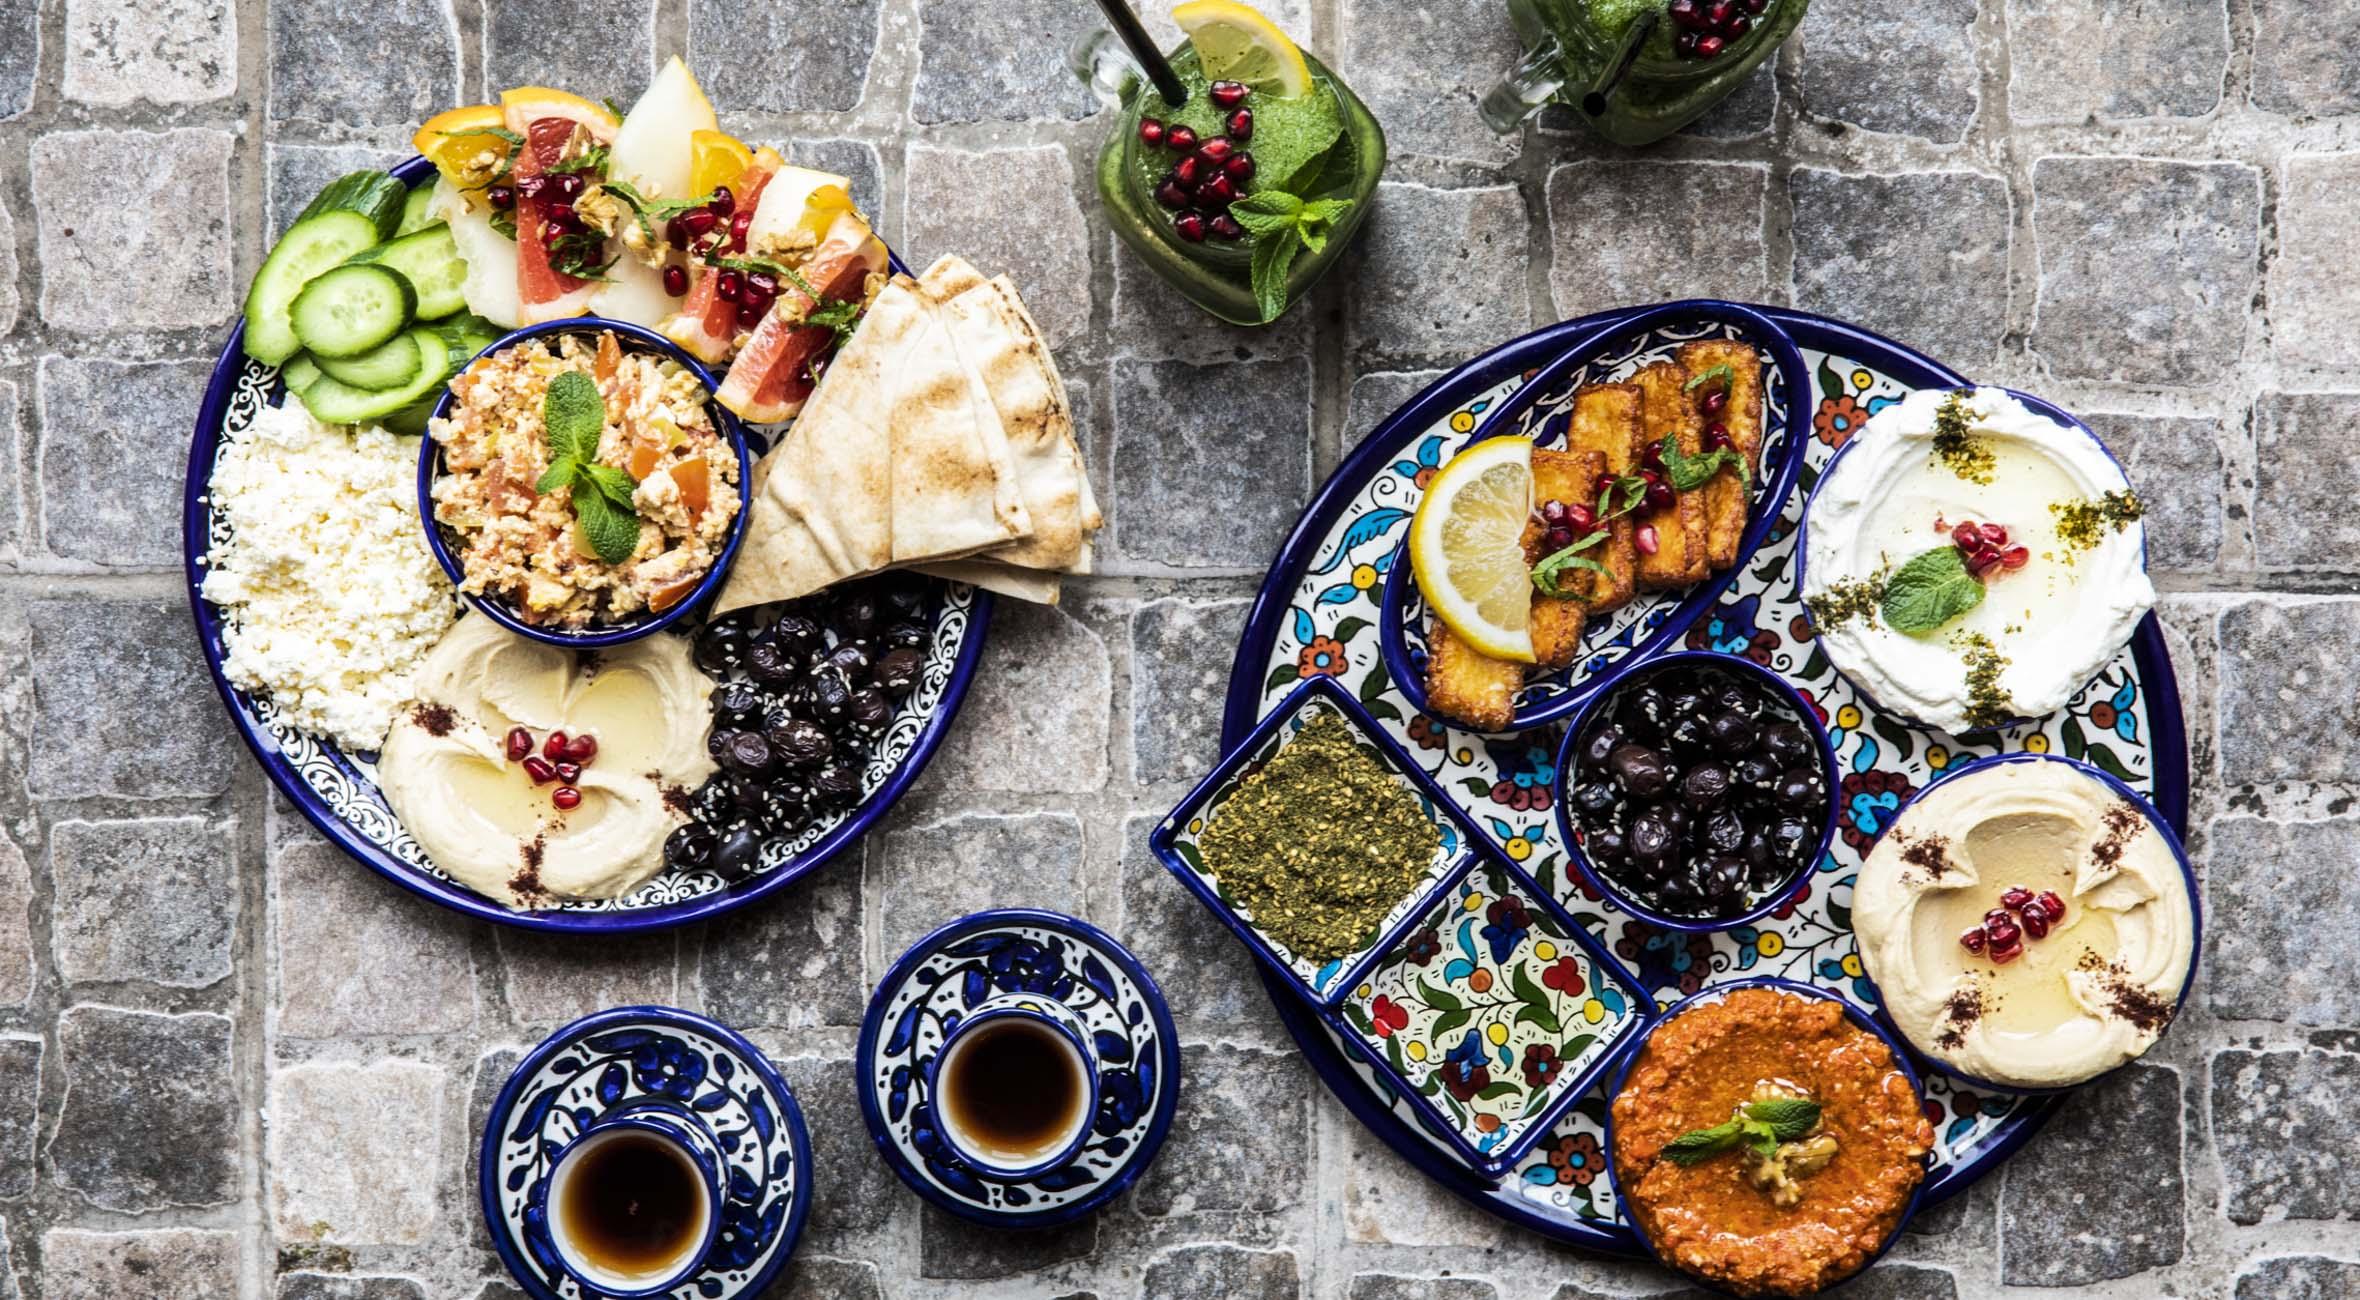 Brunch med lemonade og te for 2 personer hos Mahalle – Ultrapopulære kokke indtager Nørrebrogade med brunch-specialiteter fra Mellemøsten